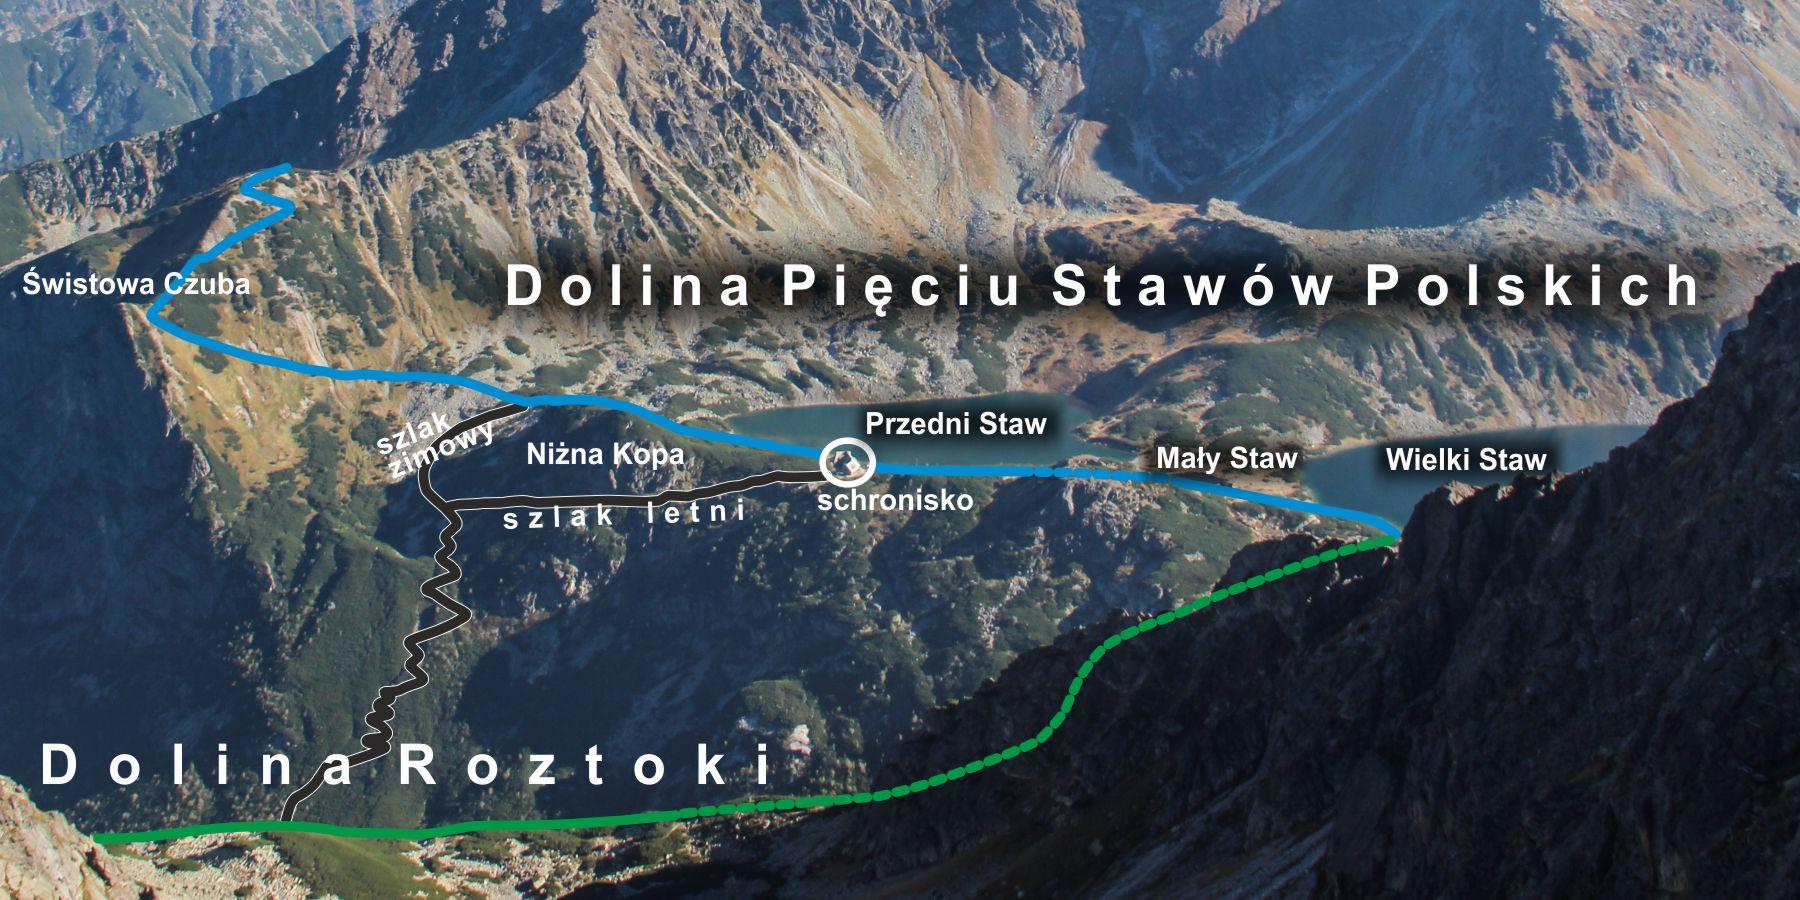 Dolina Pieciu Stawow Polskich Opis Mapa Trasy I Zdjecia Doliny